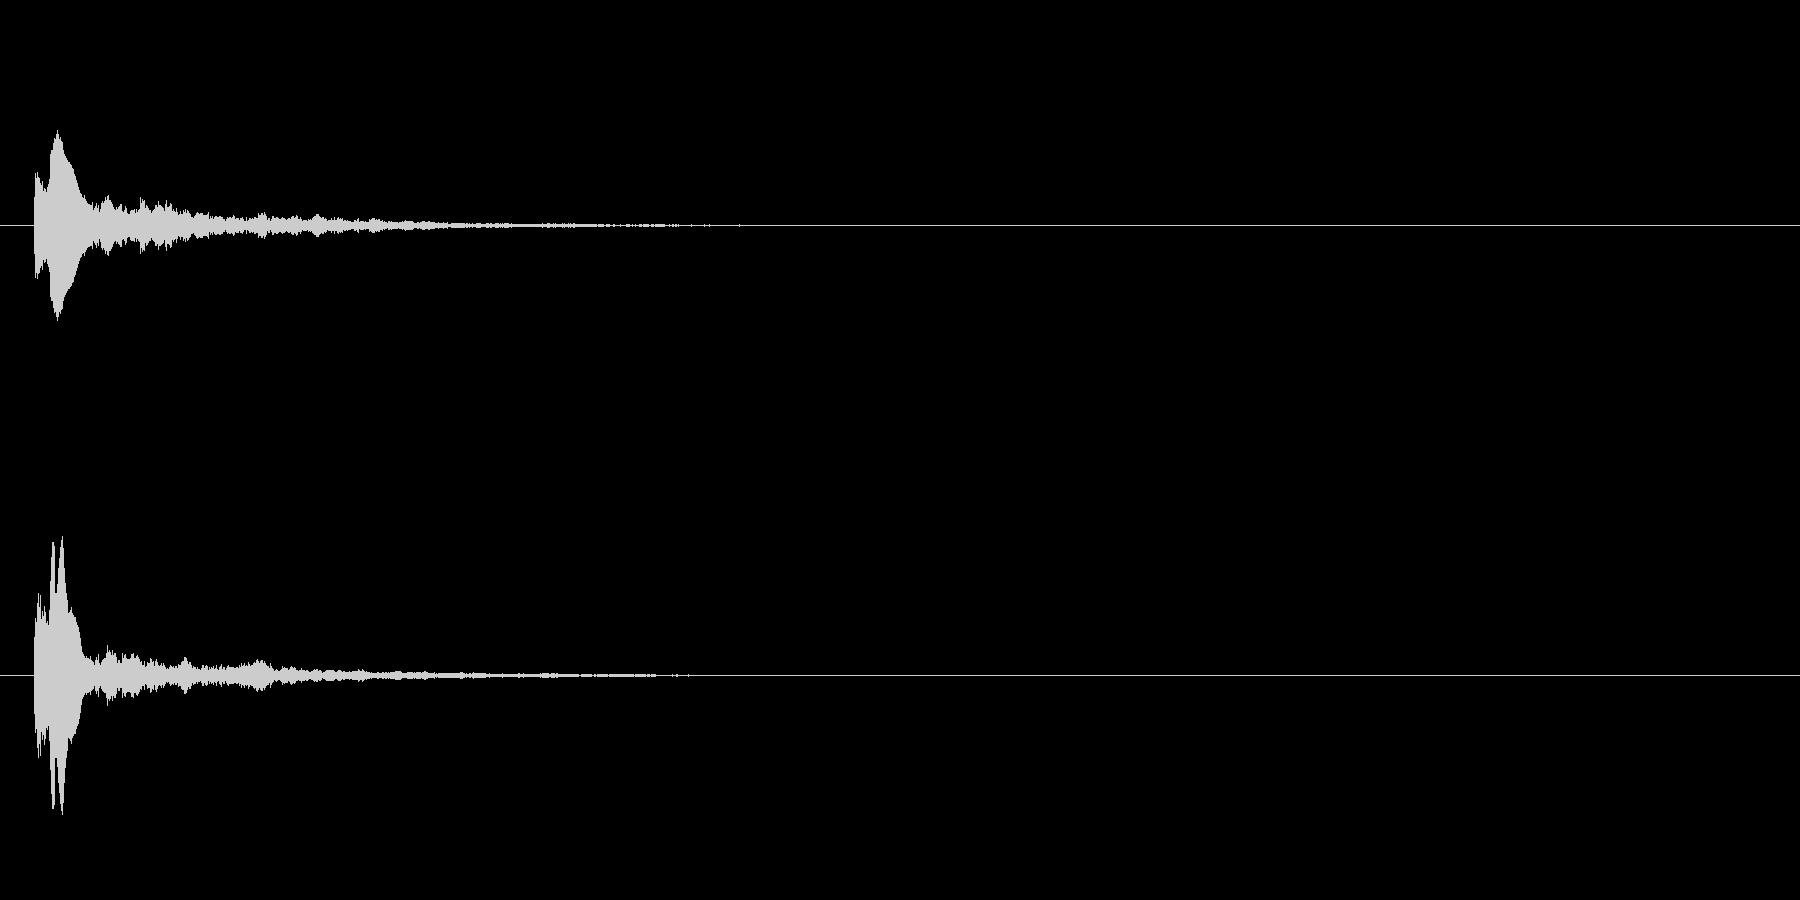 キューン テロップ・決定音・タッチ音の未再生の波形